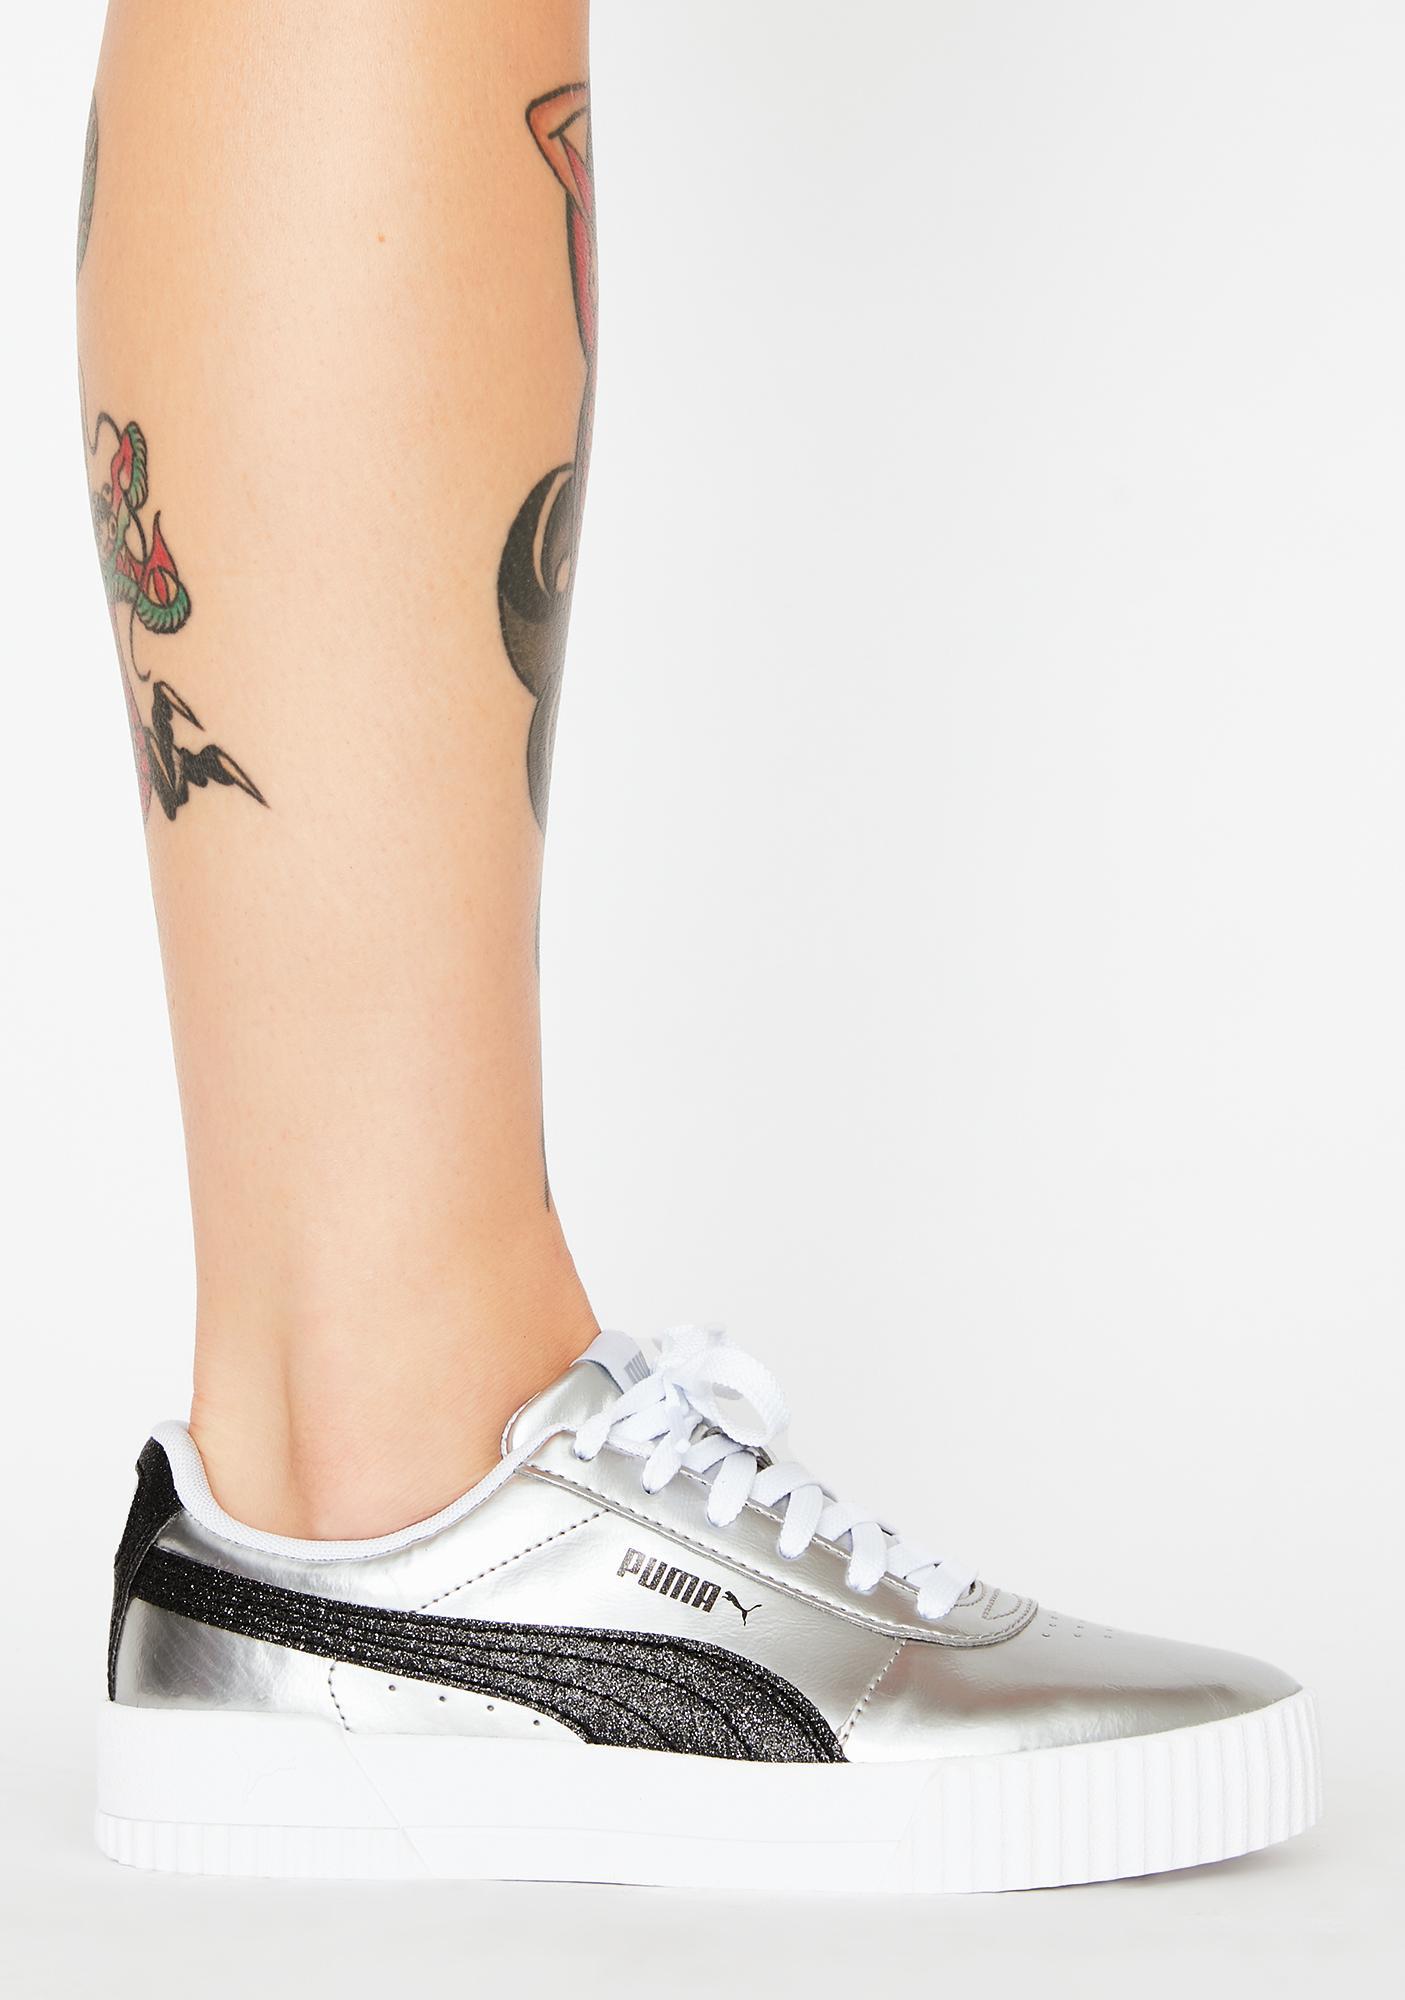 PUMA Silver Carina Classic Sneakers